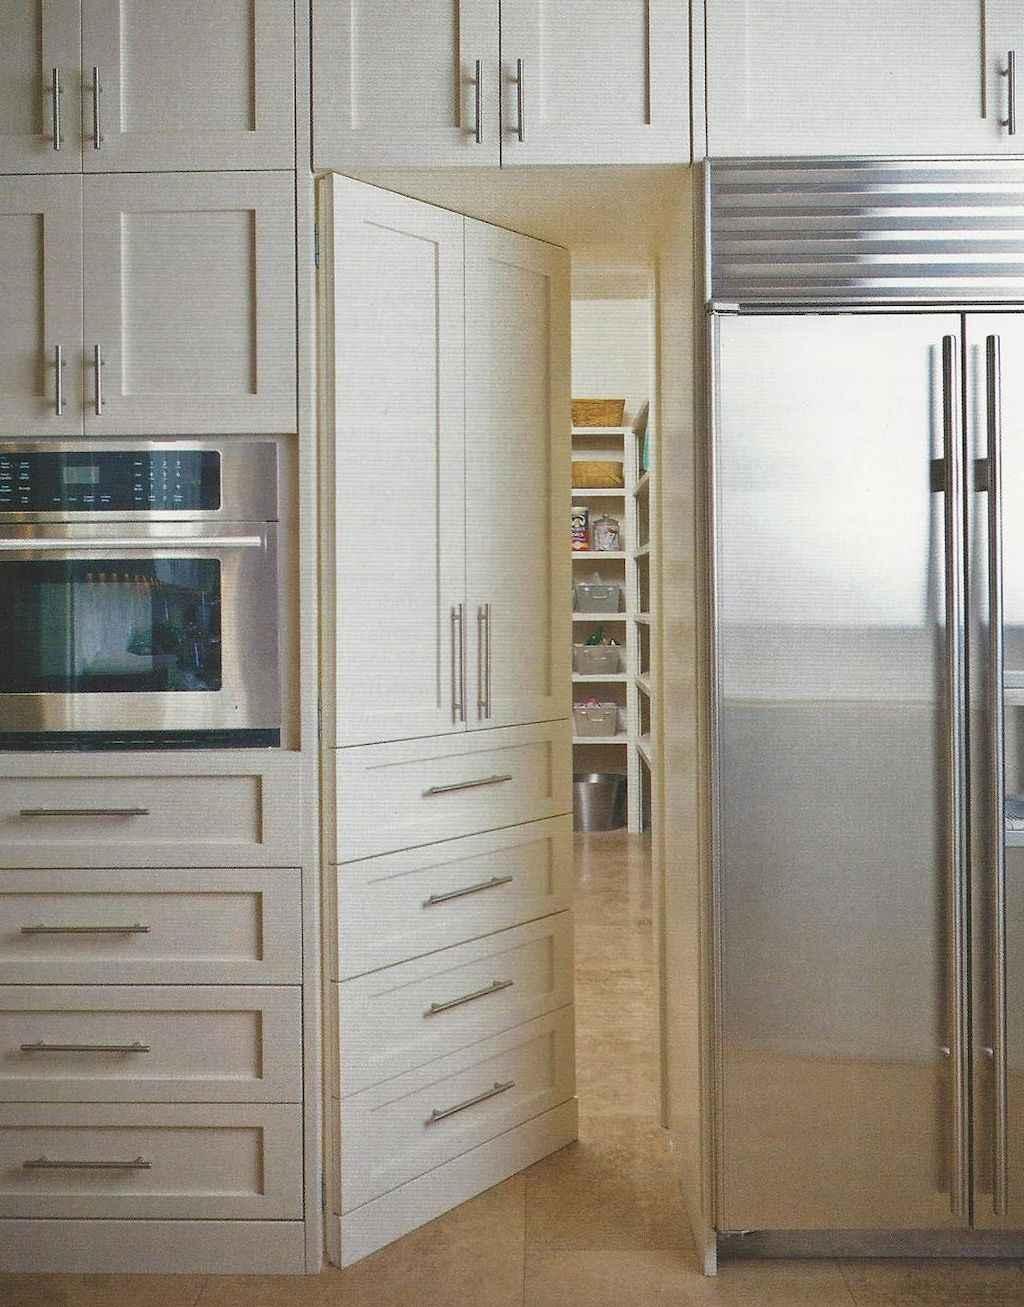 Ingenious hidden kitchen cabinet & storage solutions (56)